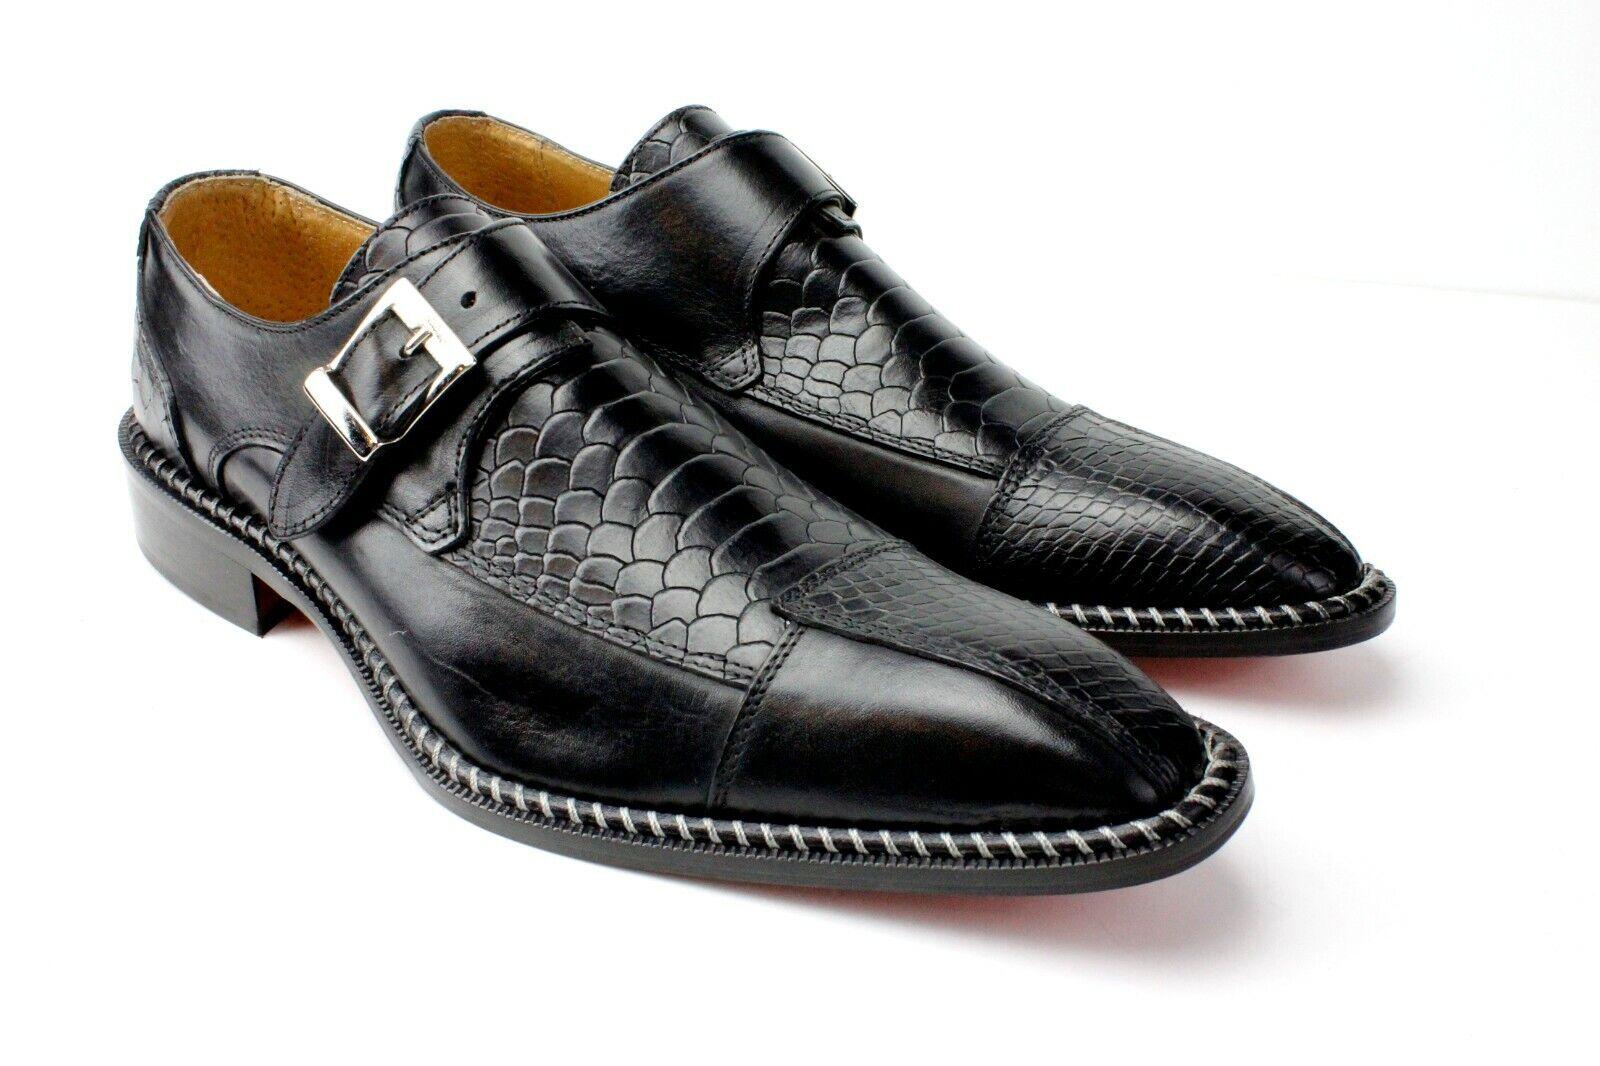 articoli promozionali Ivan Troia Nero Artigianale in pelle Italiana Italiana Italiana Scarpe Eleganti   Monk Cinturino  molto popolare